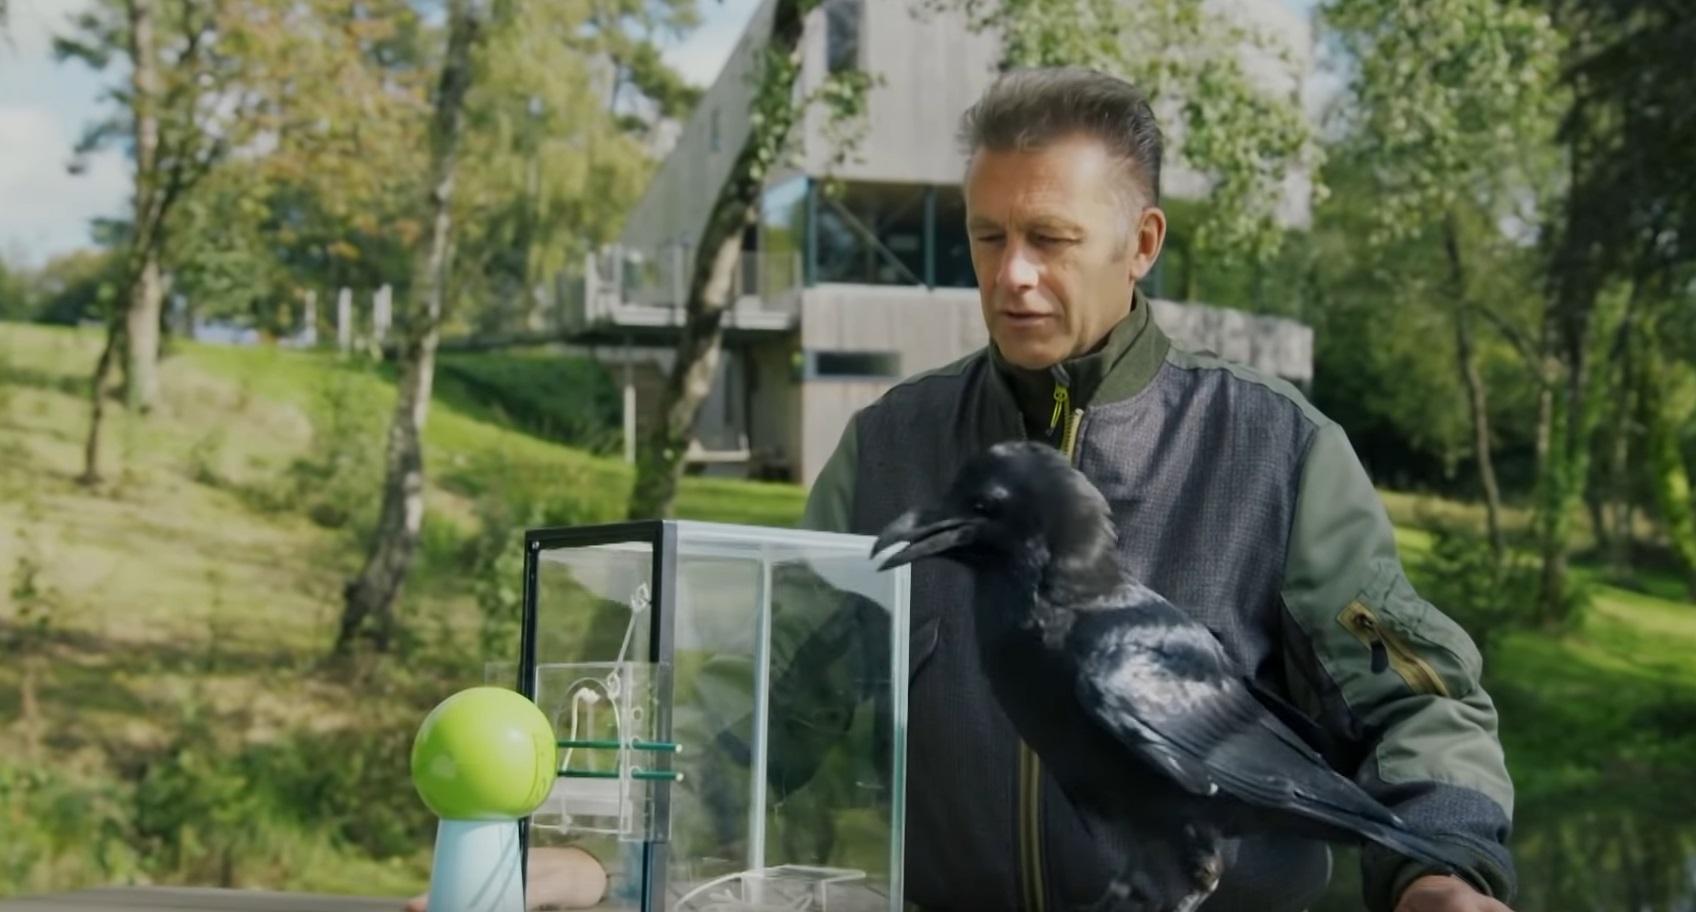 Raven Solves Puzzle